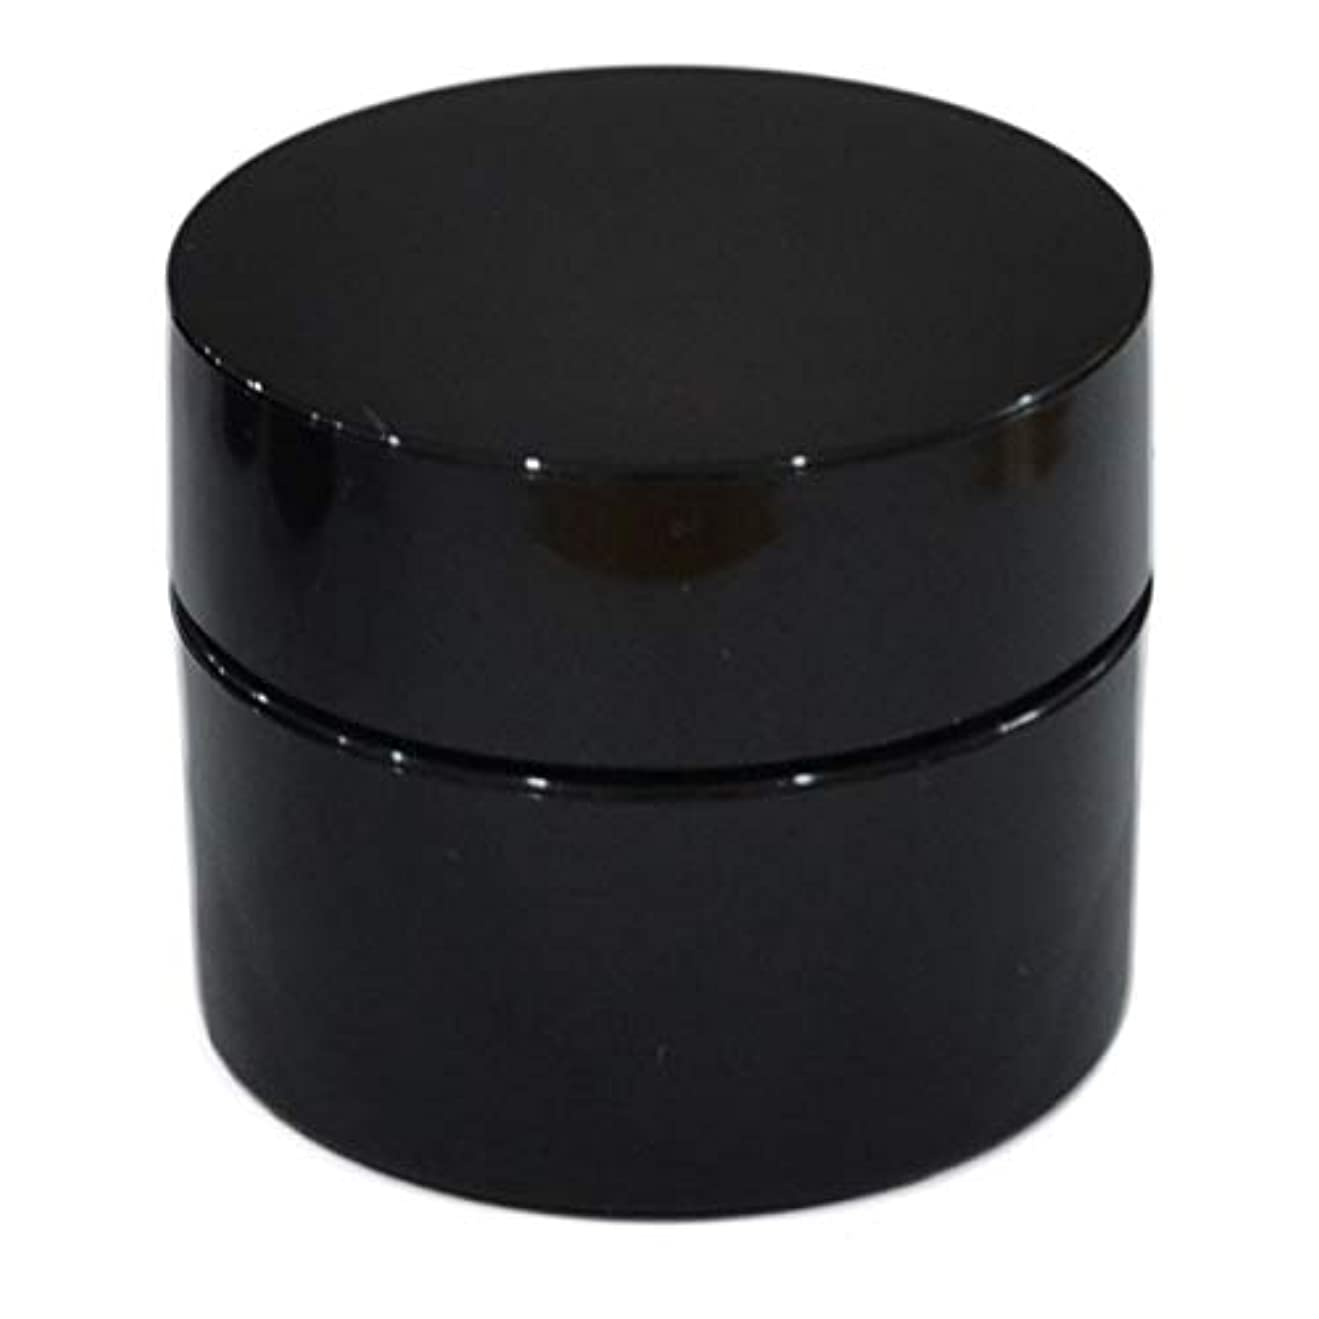 抑圧する早めるミケランジェロ純国産ネイルジェル用コンテナ 10g用GA10g 漏れ防止パッキン&ブラシプレート付容器 ジェルを無駄なく使える底面傾斜あり 遮光 黒 ブラック